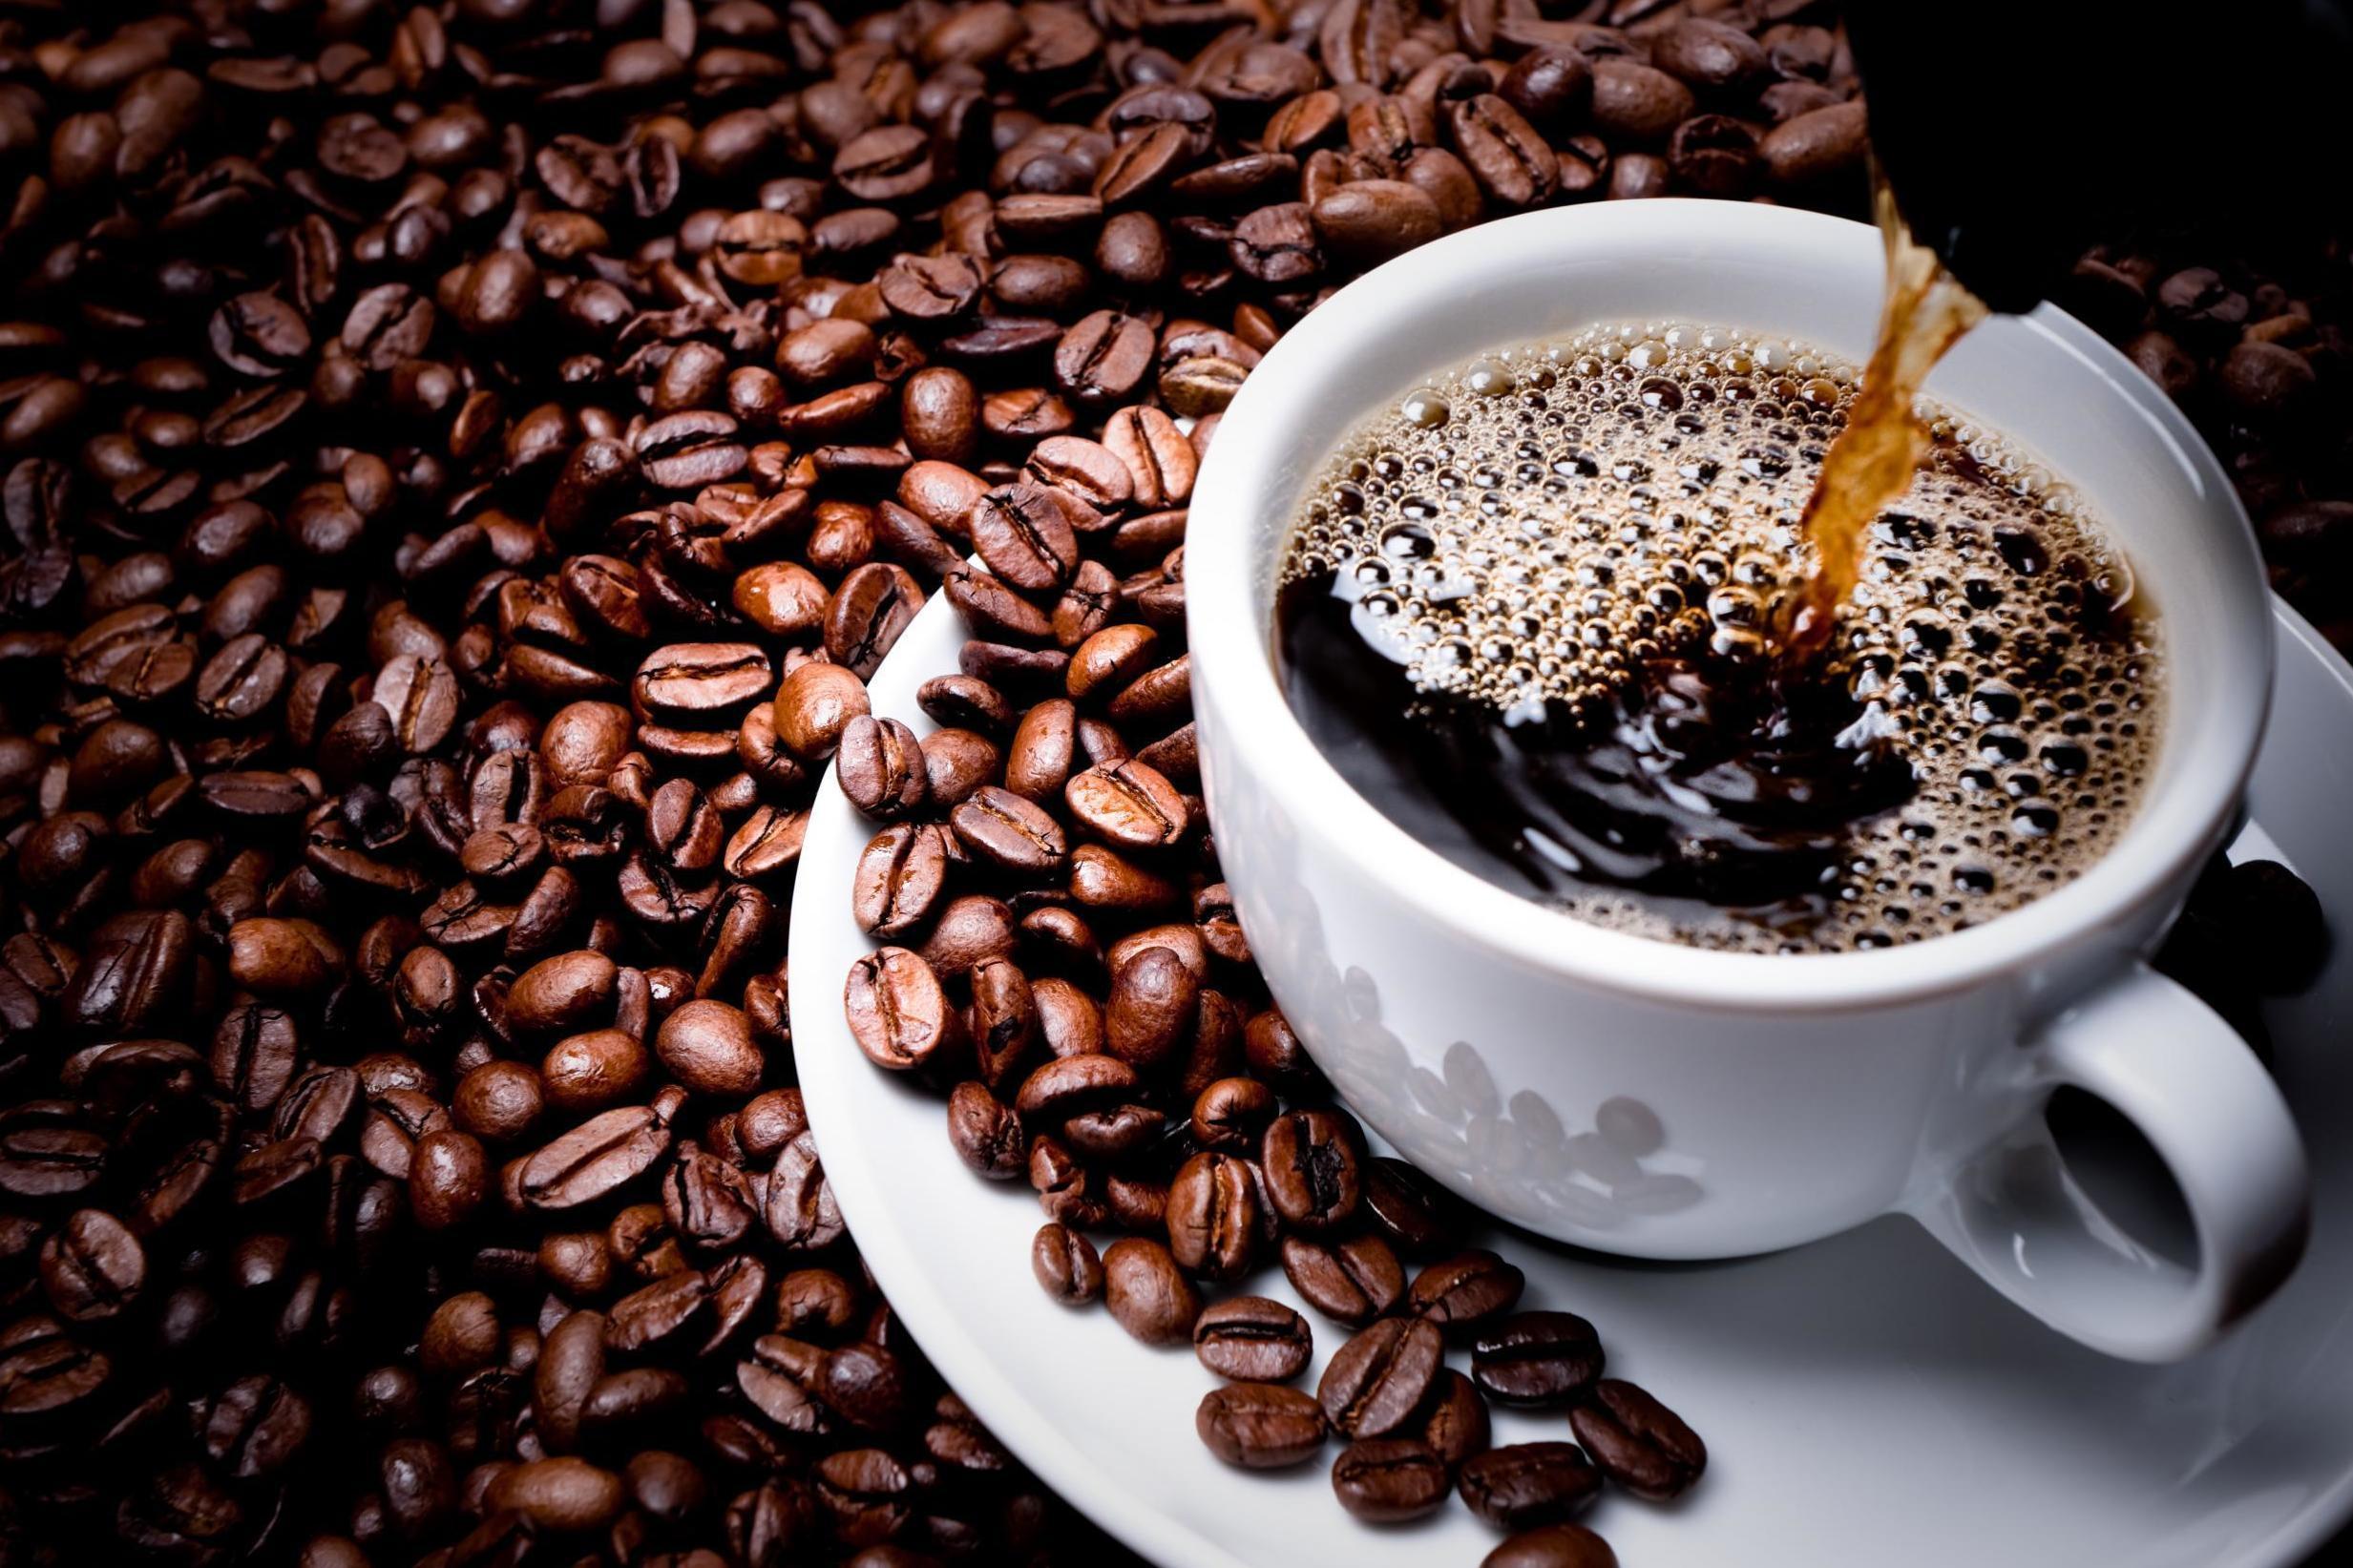 Cafea boabe, cele 4 tipuri și de ce sunt diferite pe rafturile magazinelor